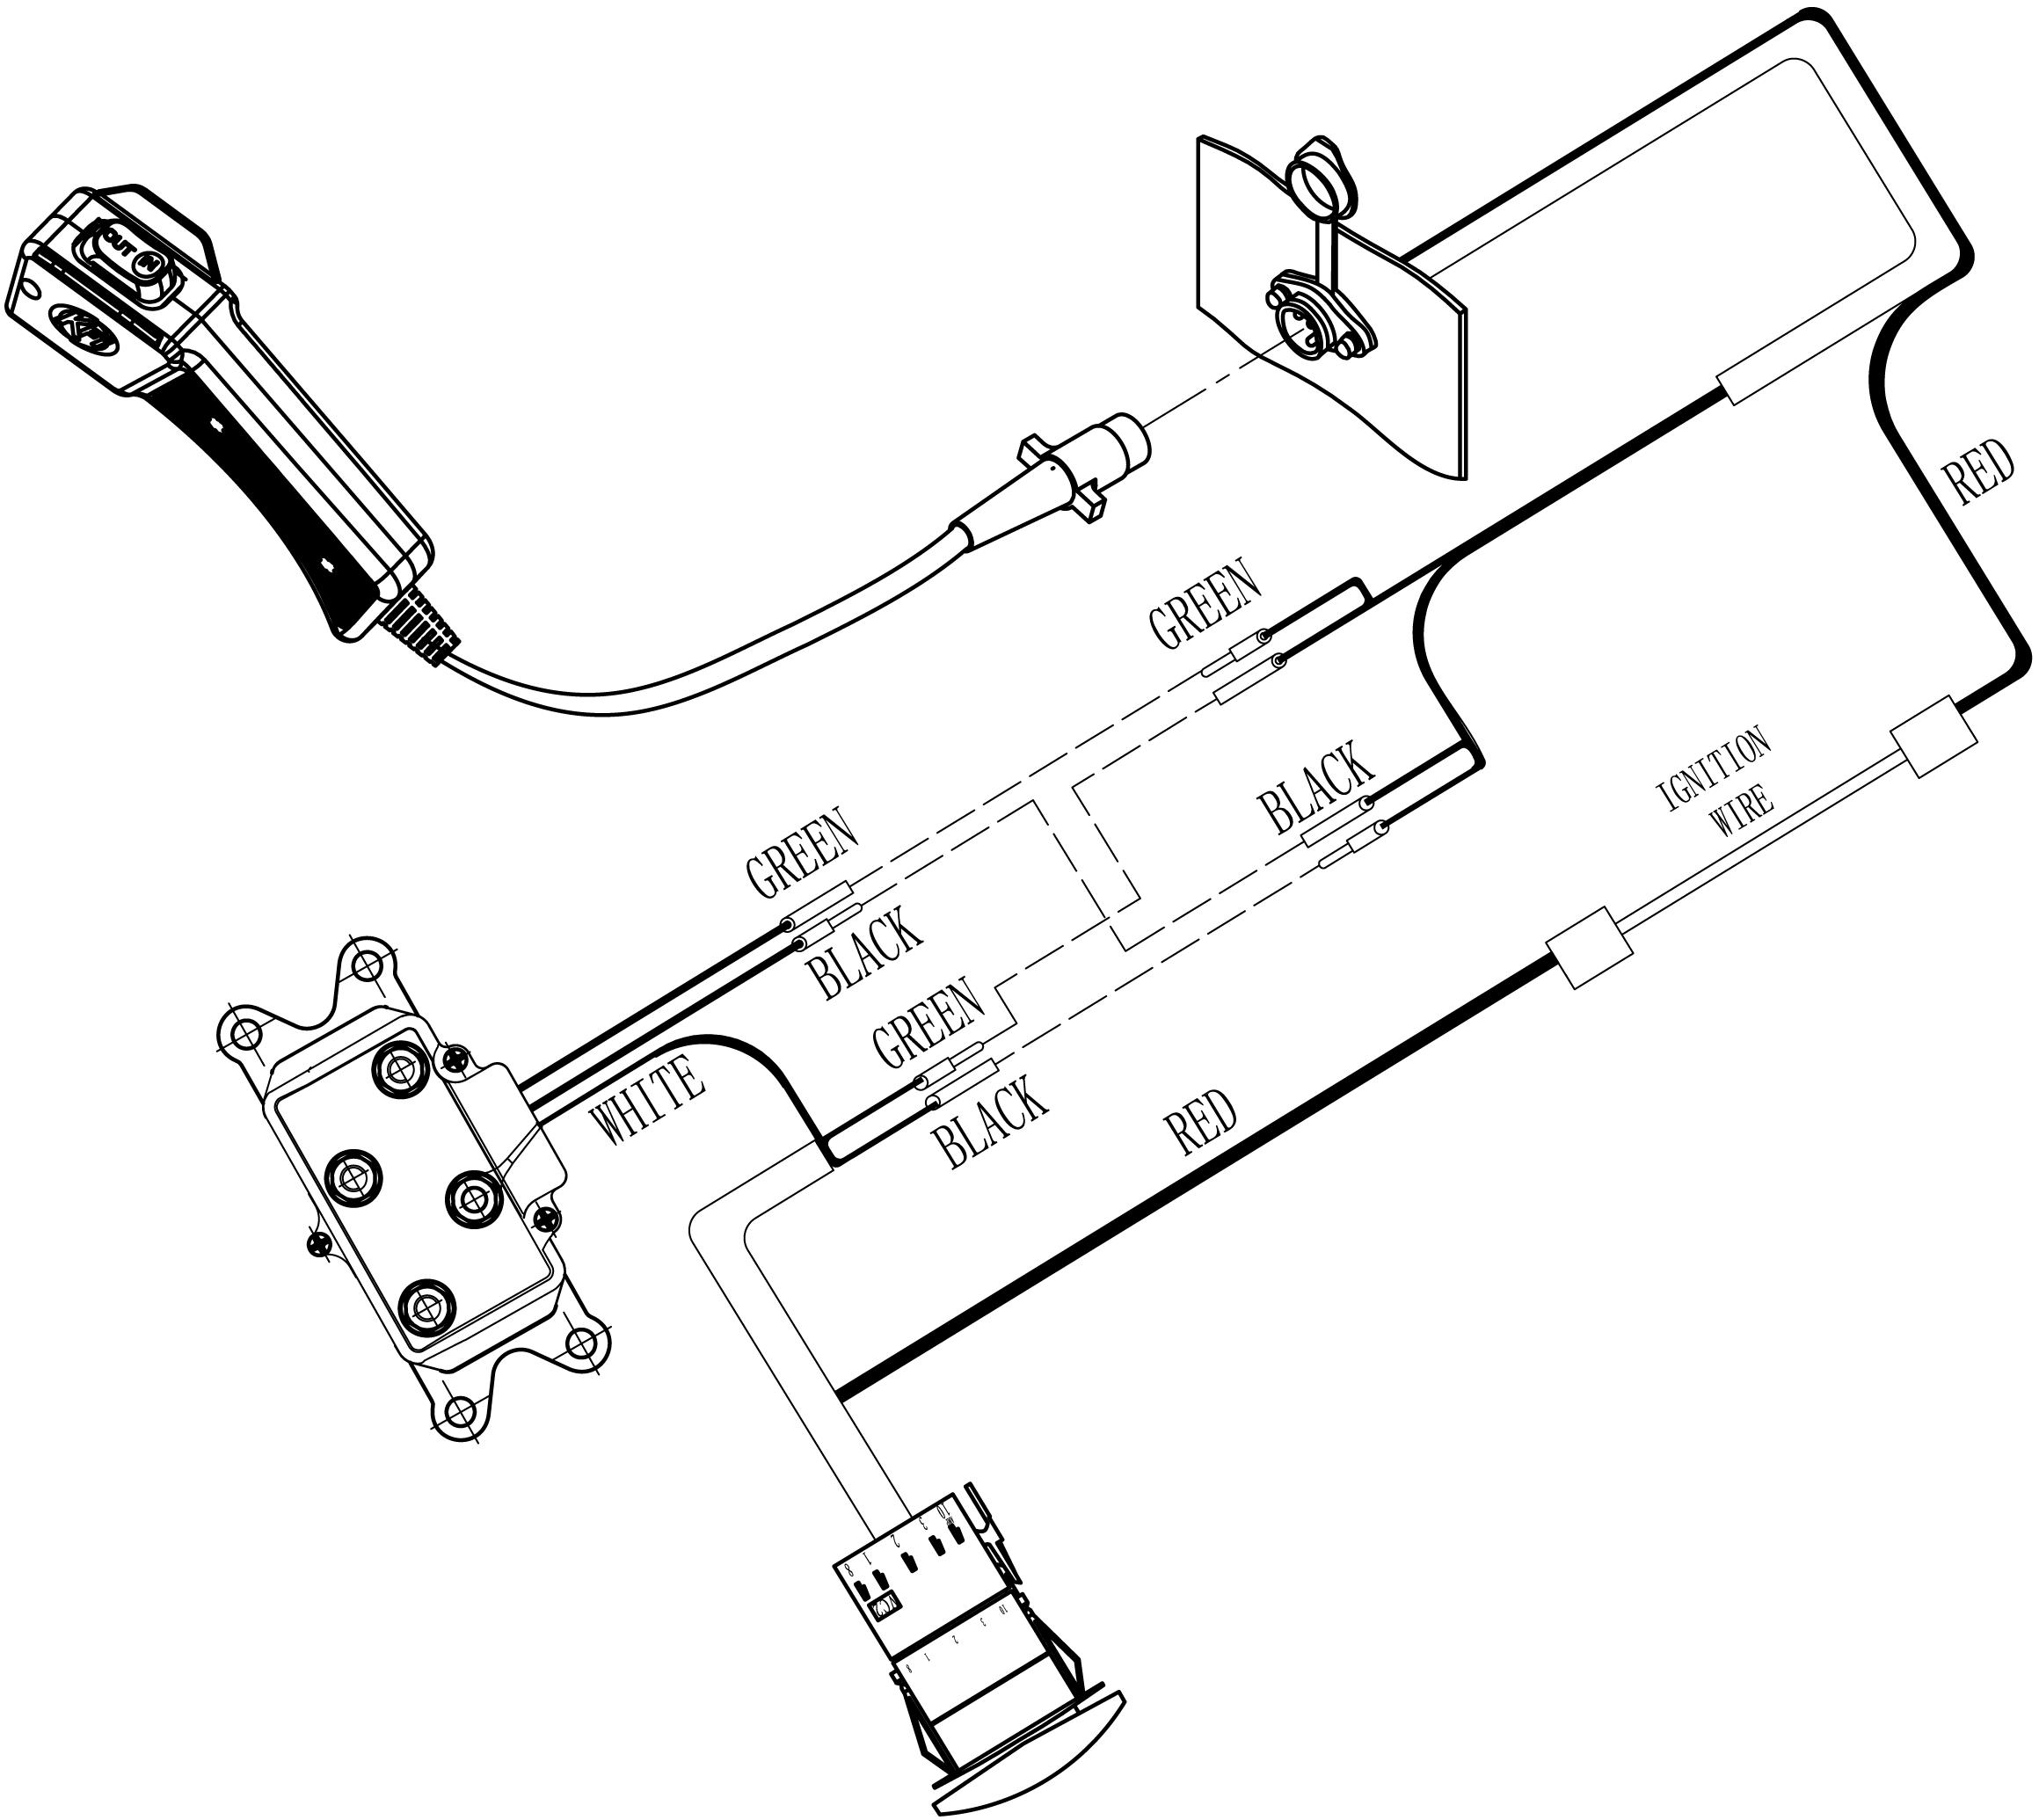 LV_9975] Wiring Diagram For Atv Winch Wiring DiagramEtic Lexor Hete Exmet Mohammedshrine Librar Wiring 101